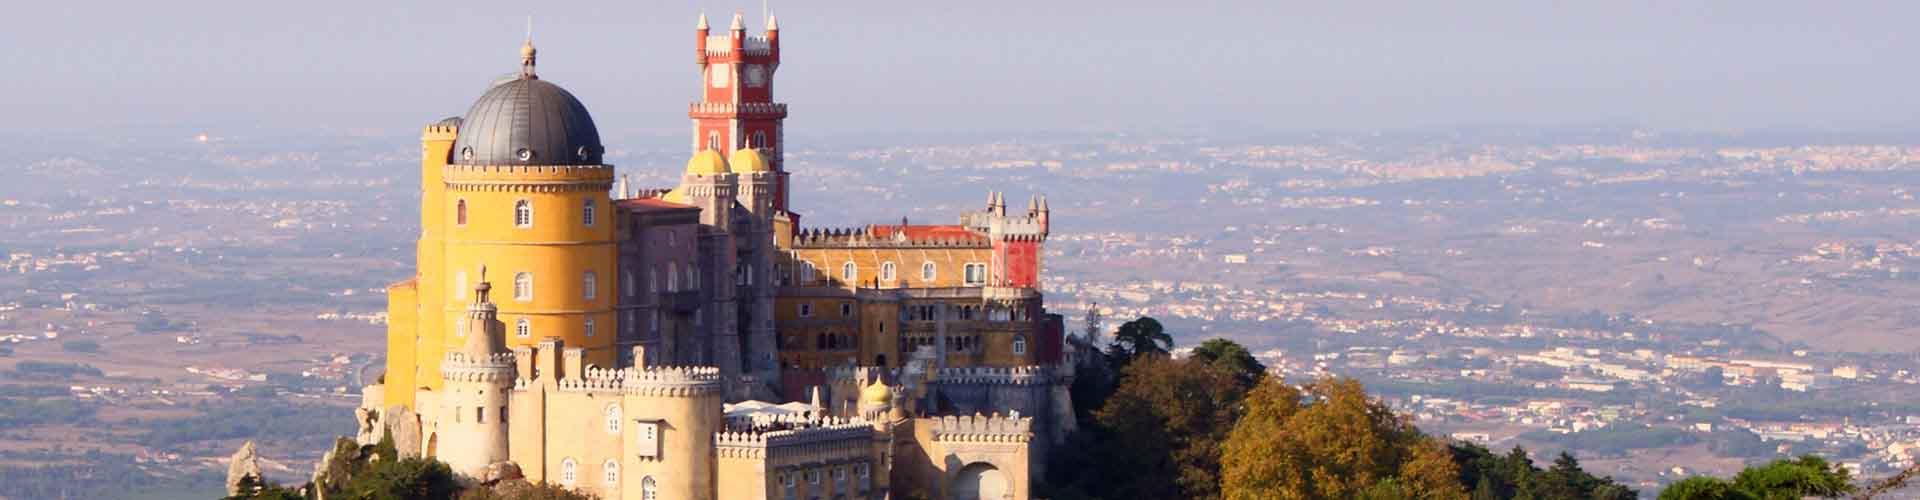 Sintra - Hostele w mieście: Sintra, Mapy: Sintra, Zdjęcia i Recenzje dla każdego hostelu w mieście Sintra.